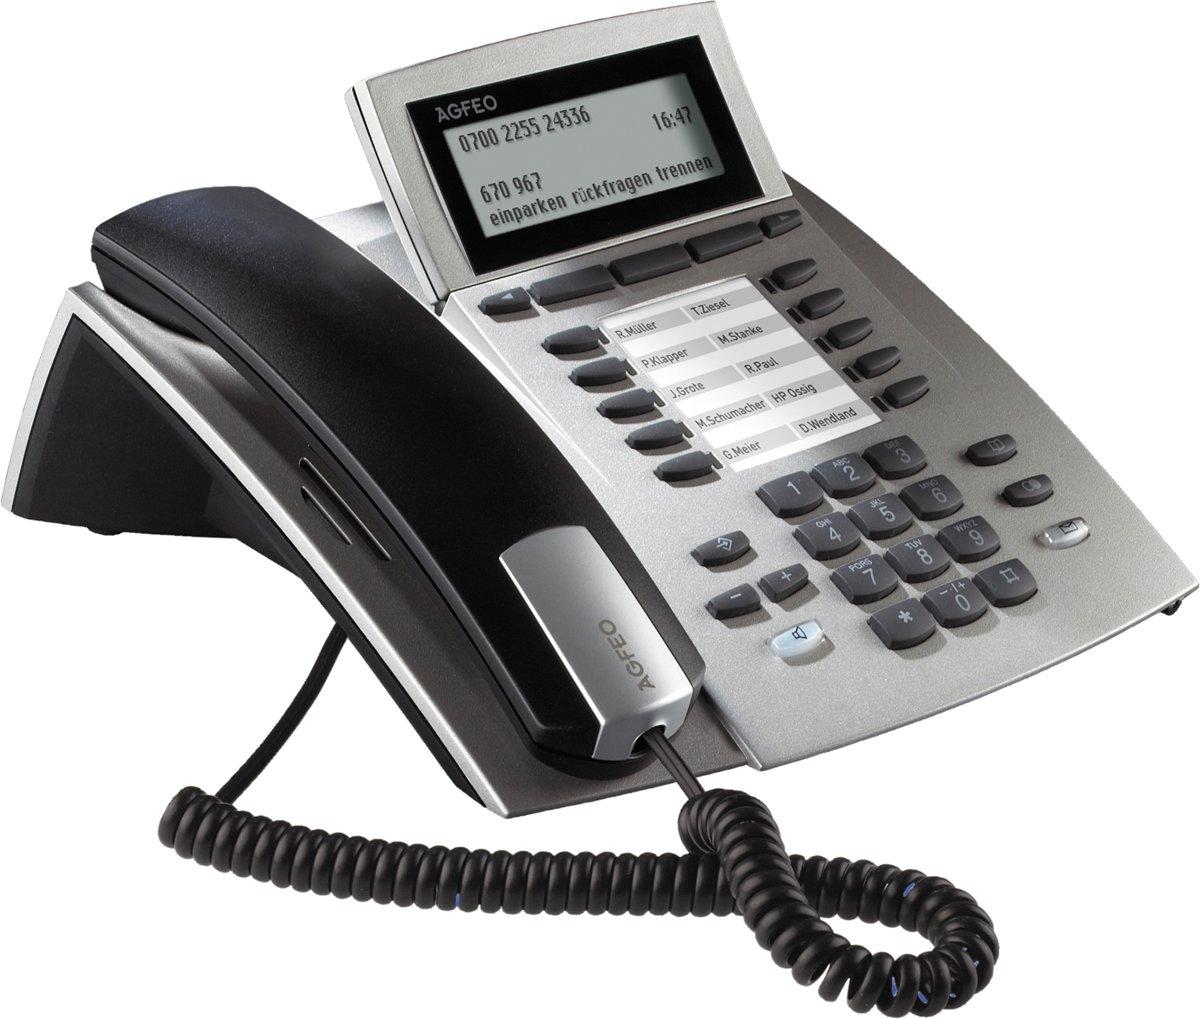 AGFEO ST42 IP - VoIP telefoon - Zilver